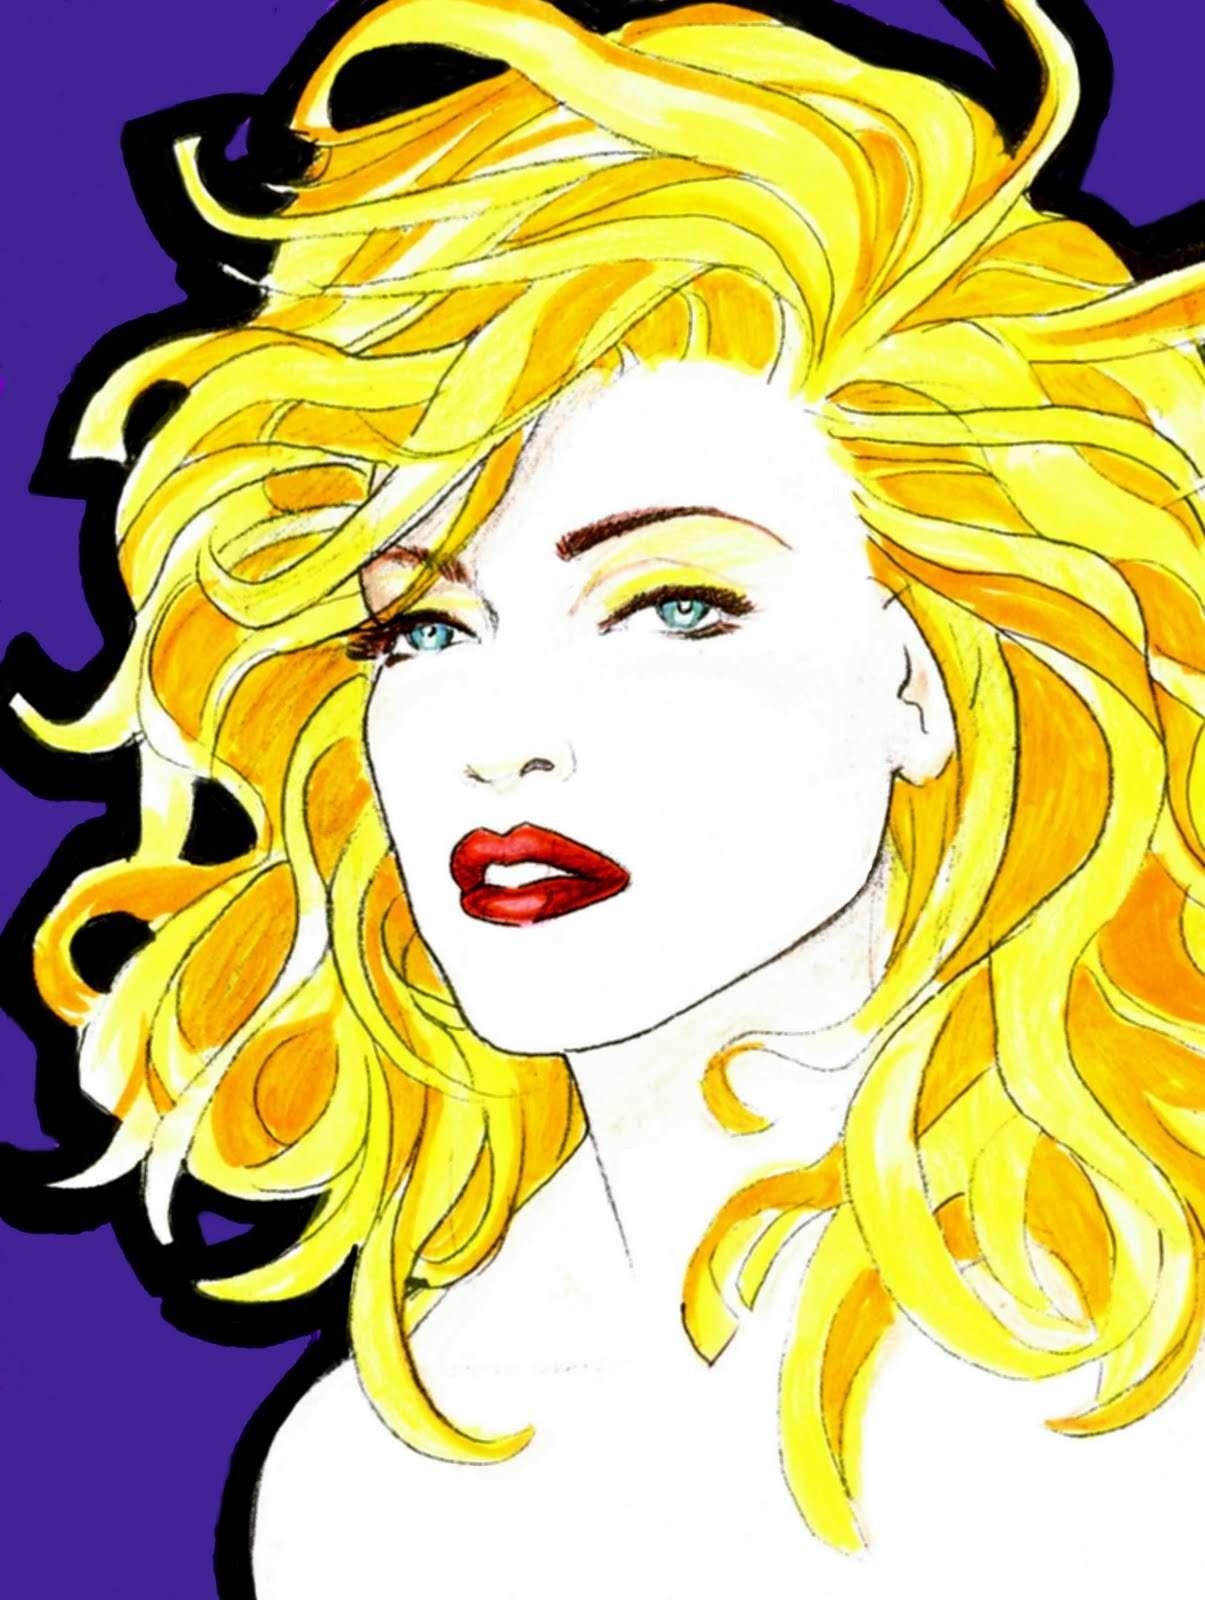 http://img26.imageshack.us/img26/5199/medusabybilal.jpg